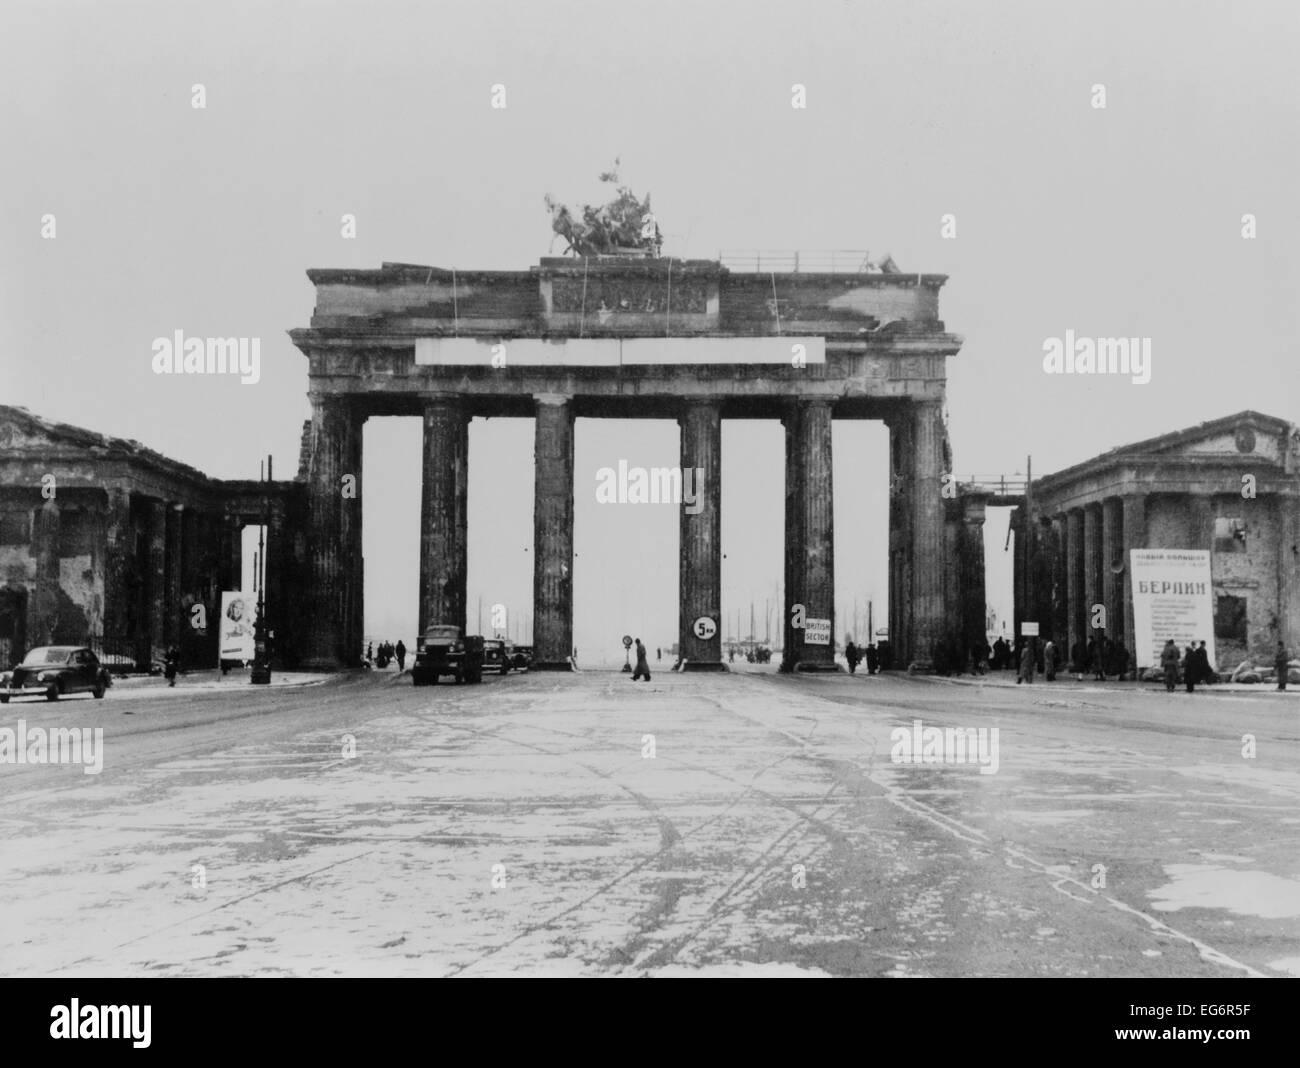 La guida del traffico attraverso la Porta di Brandeburgo, dopo la prima guerra mondiale 2. Berlino, Germania. Ca. Immagini Stock